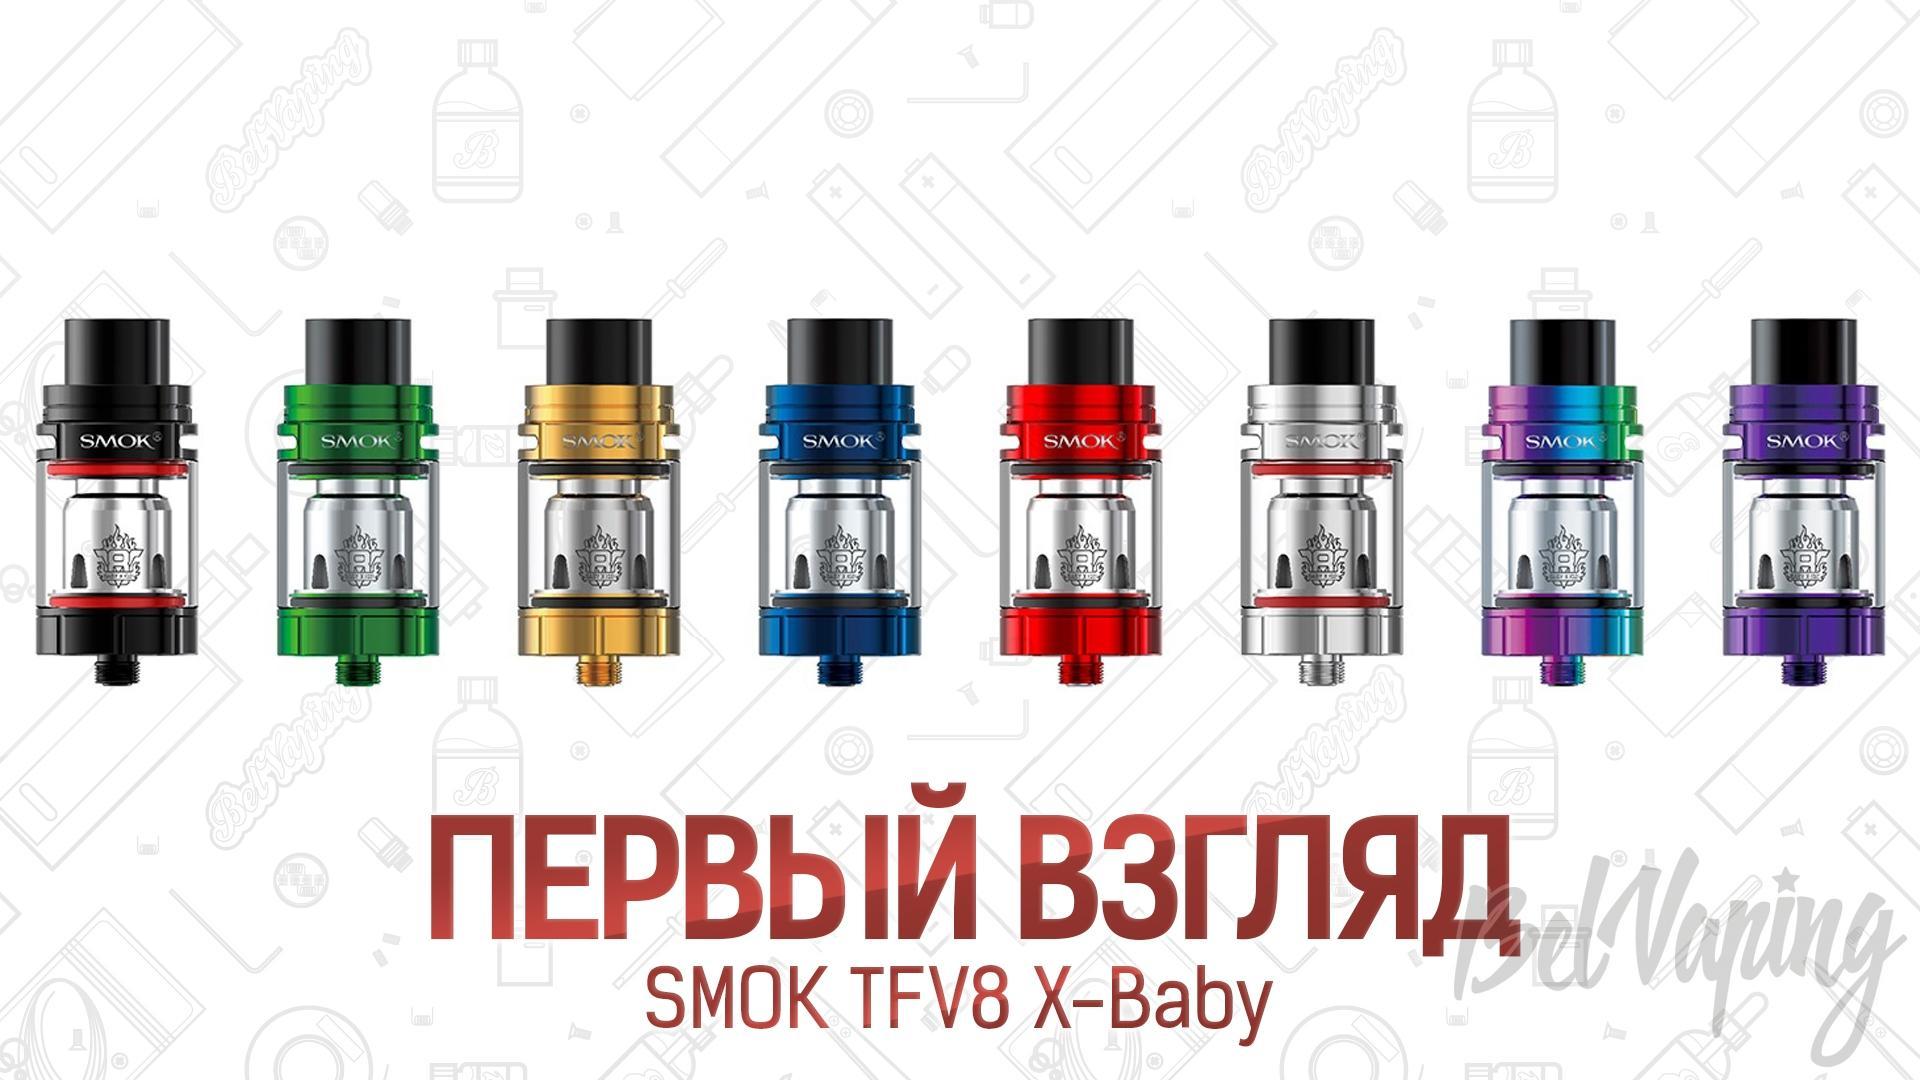 SMOK TFV8 X-Baby. Первый взгляд